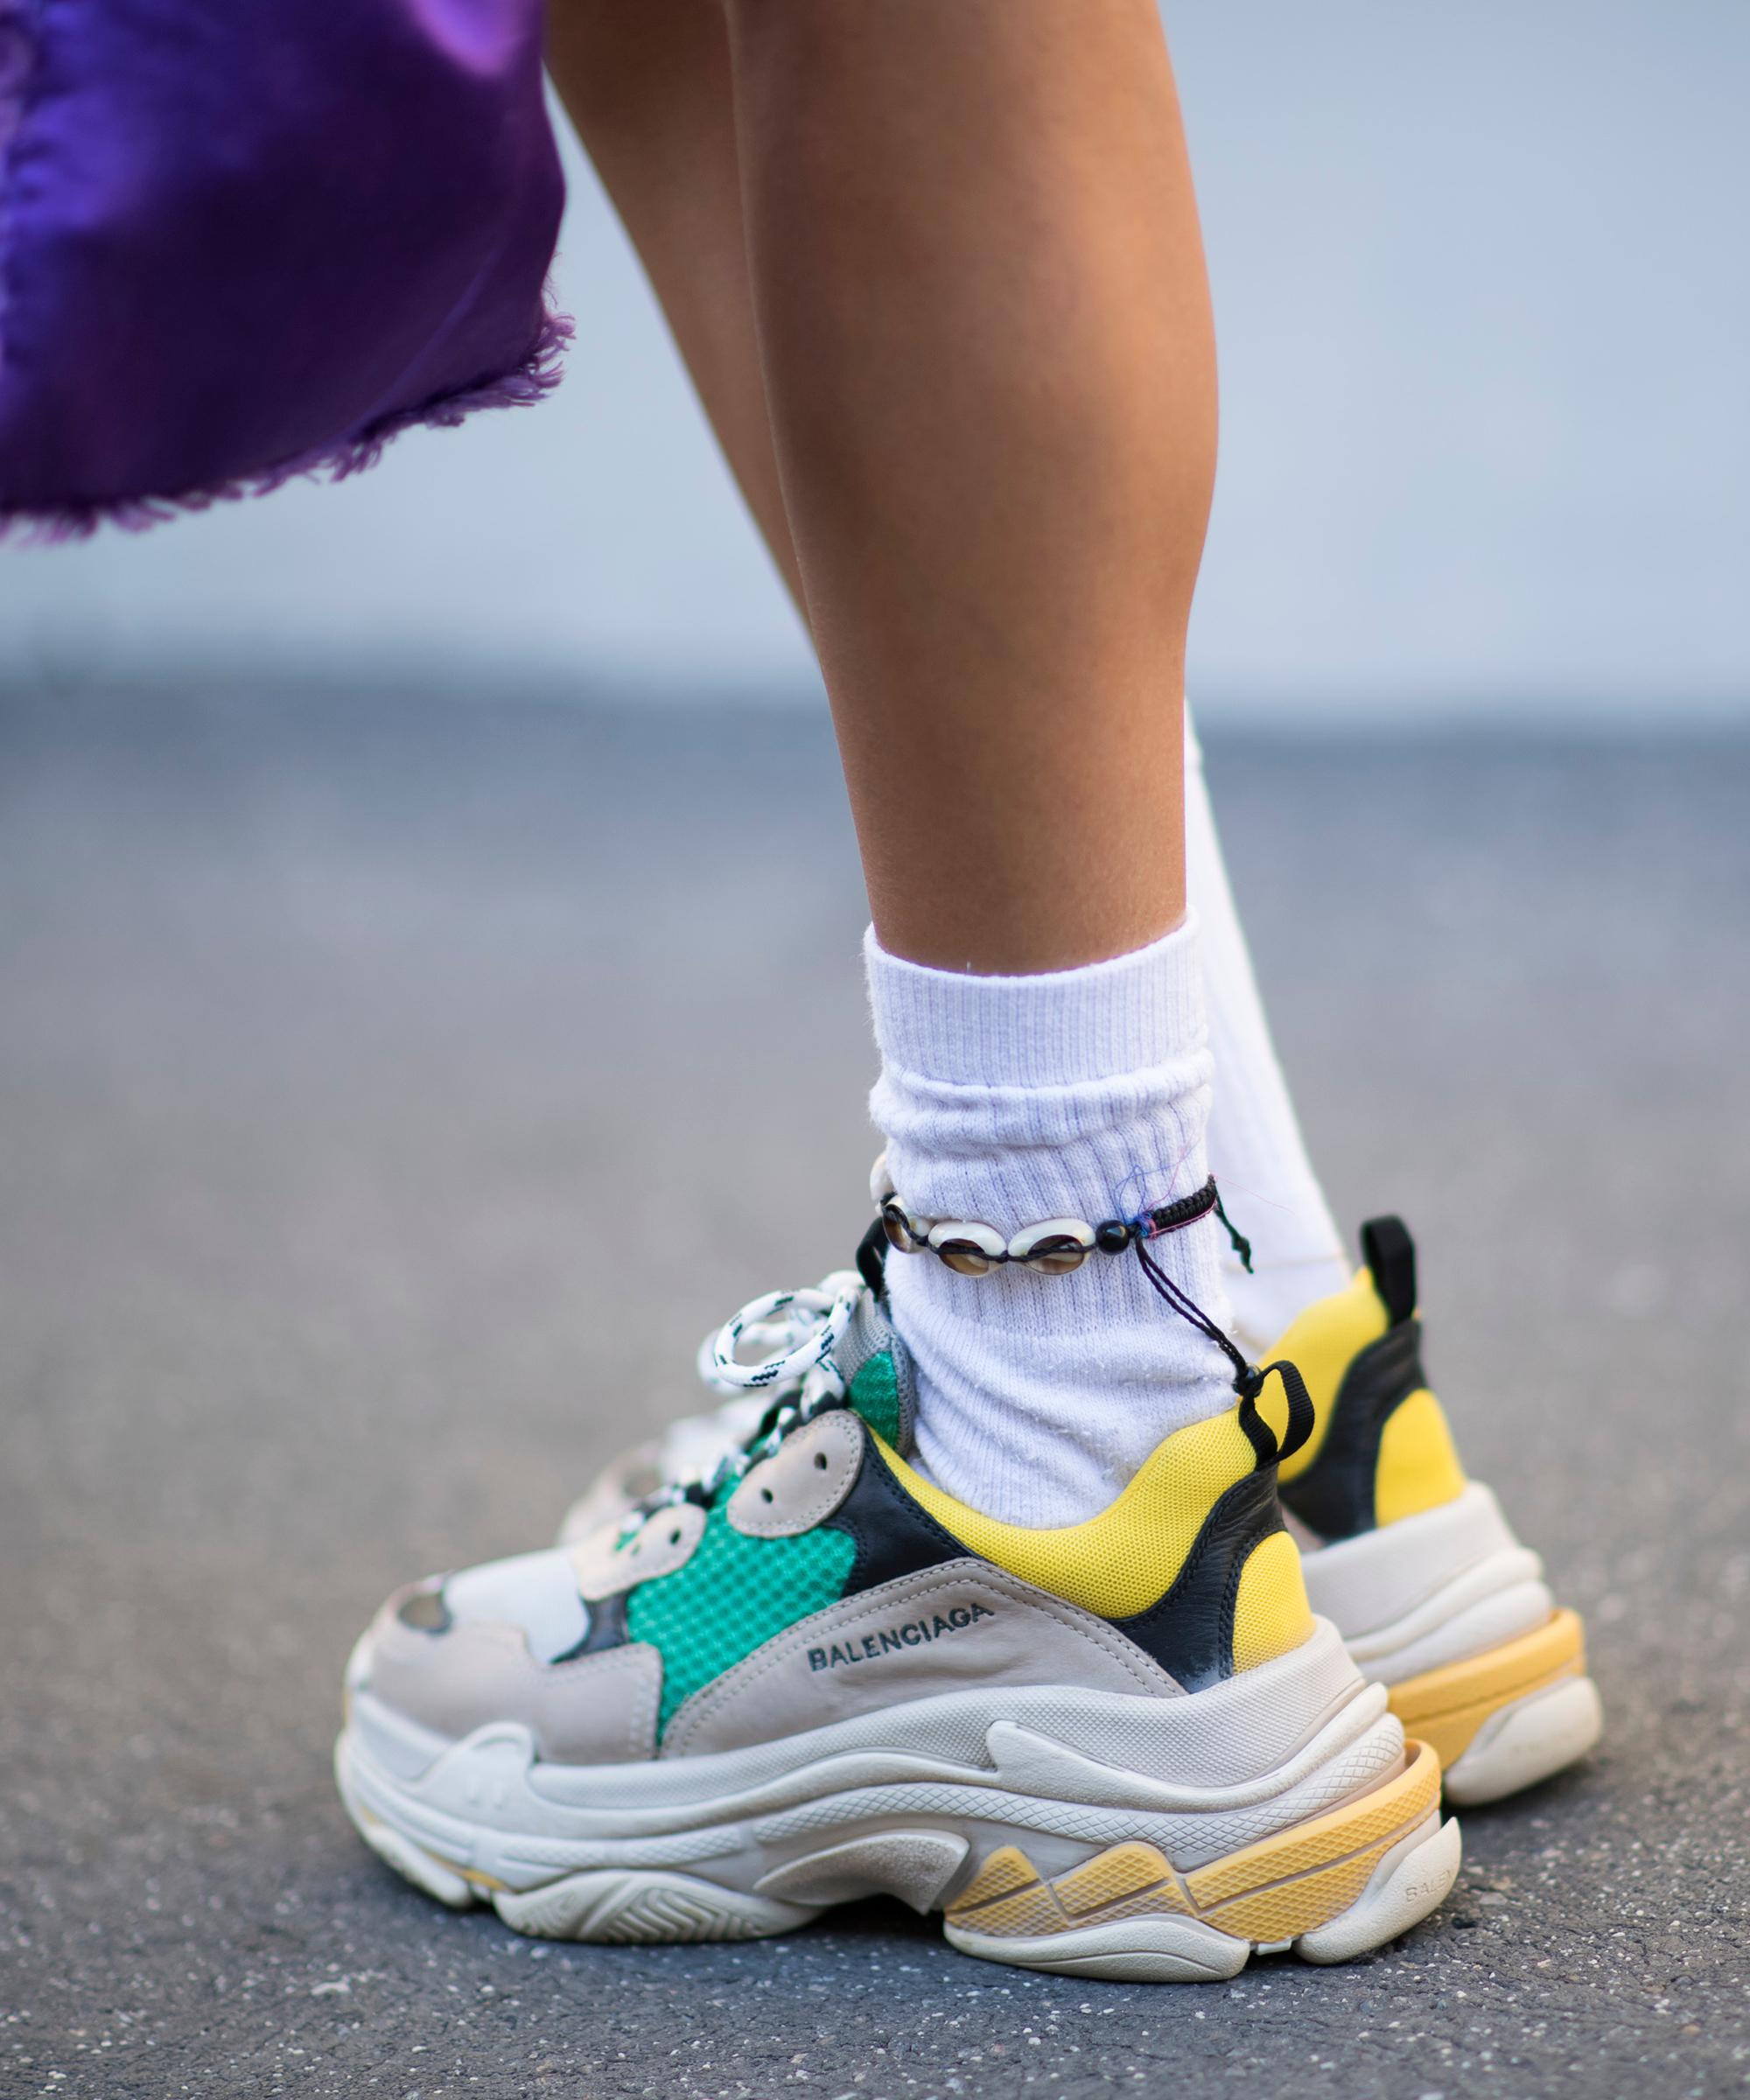 Sneaker tarzın senin hakkında ne söylüyor